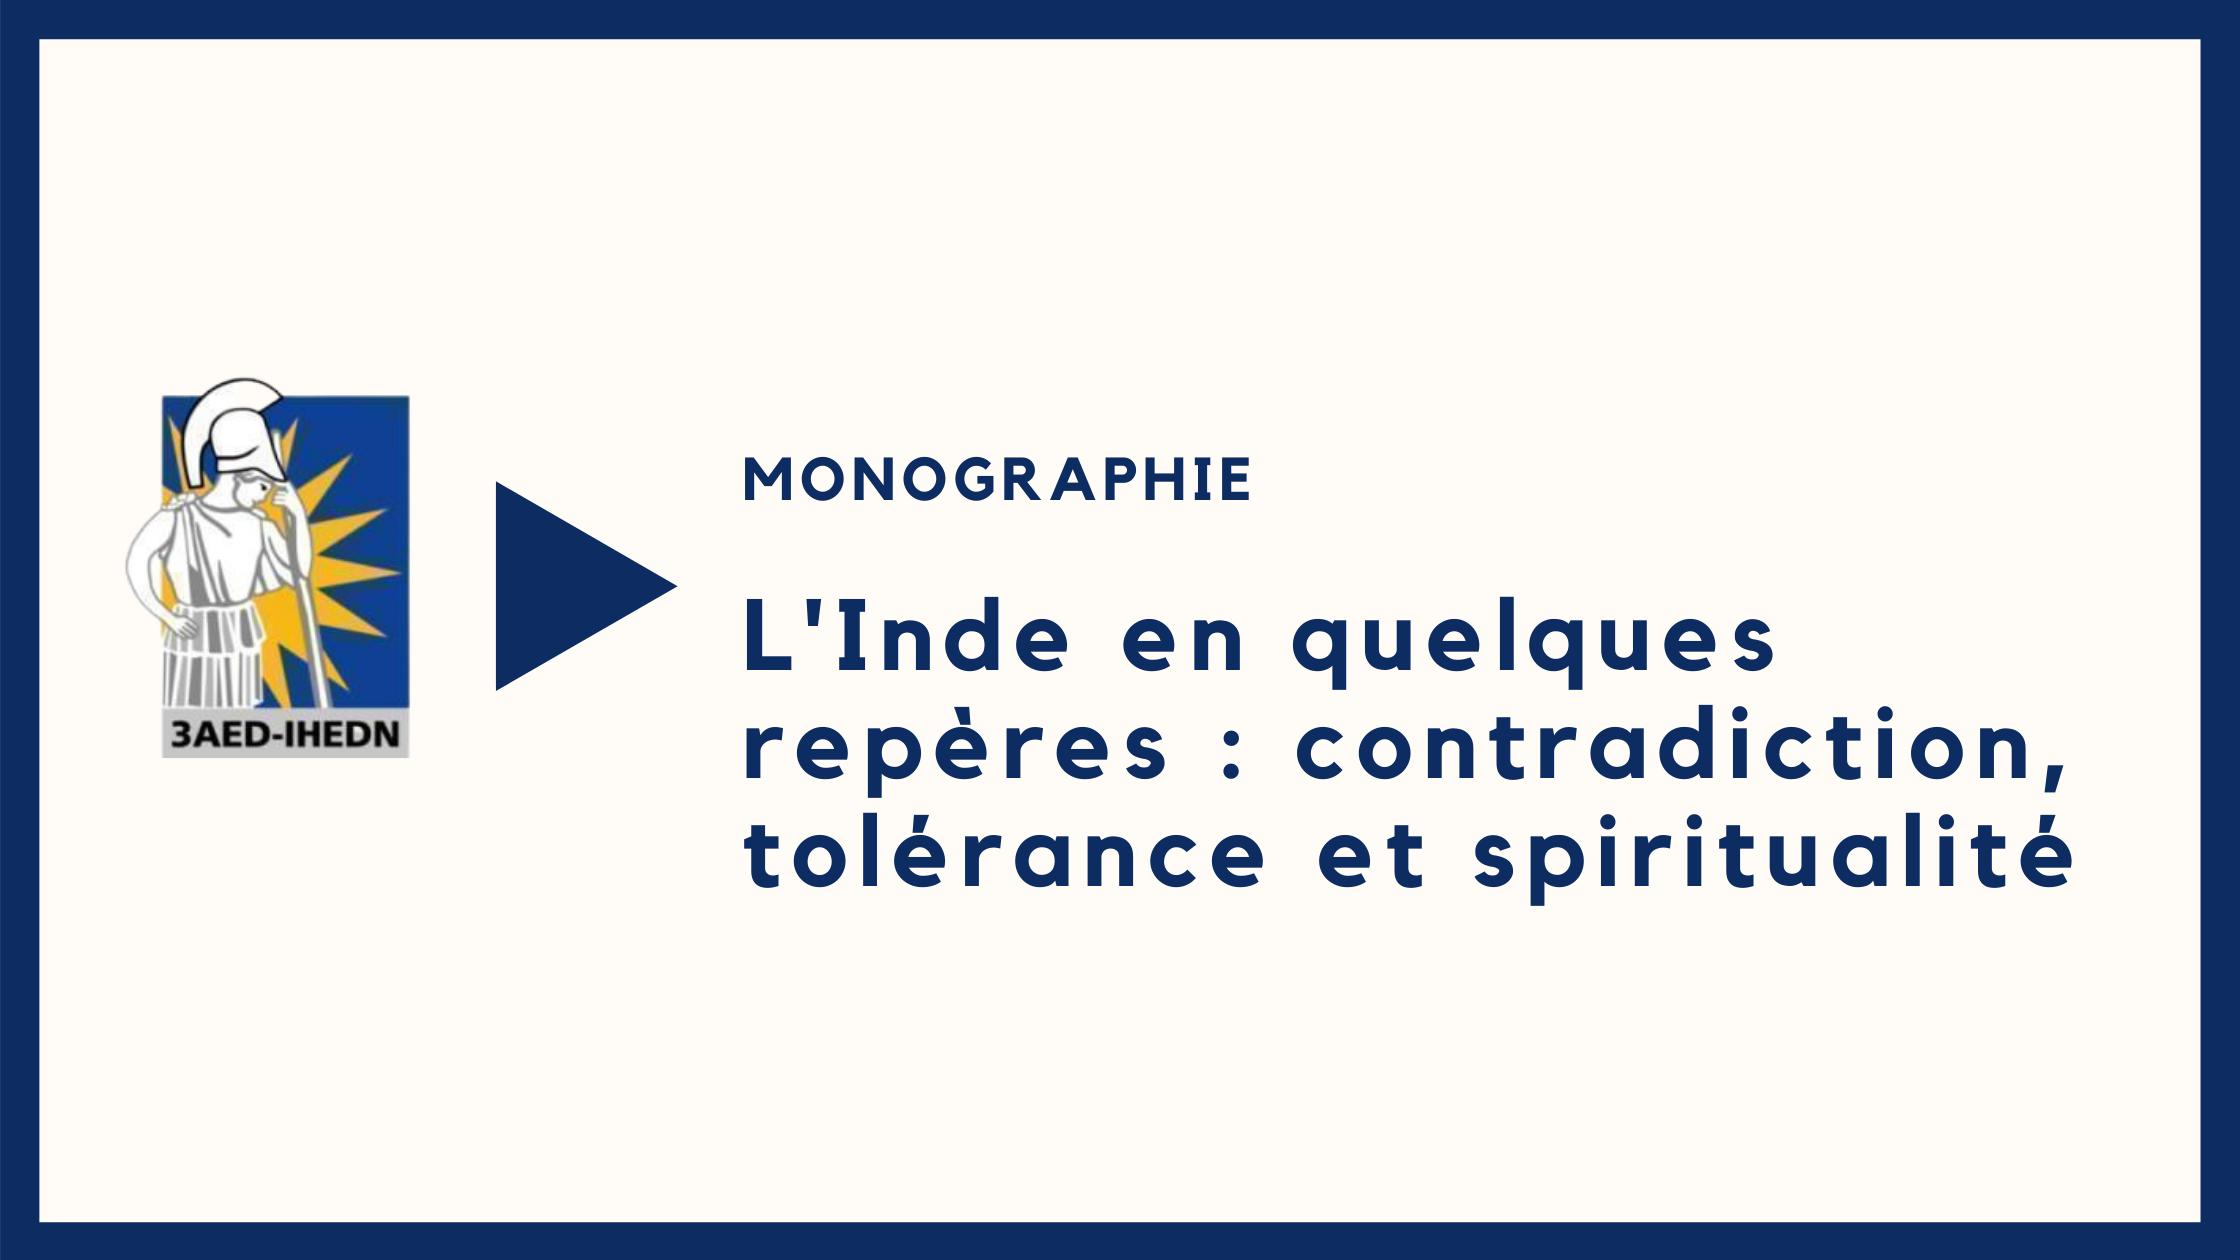 Monographie |L'Inde en quelques repères : contradiction, tolérance et spiritualité